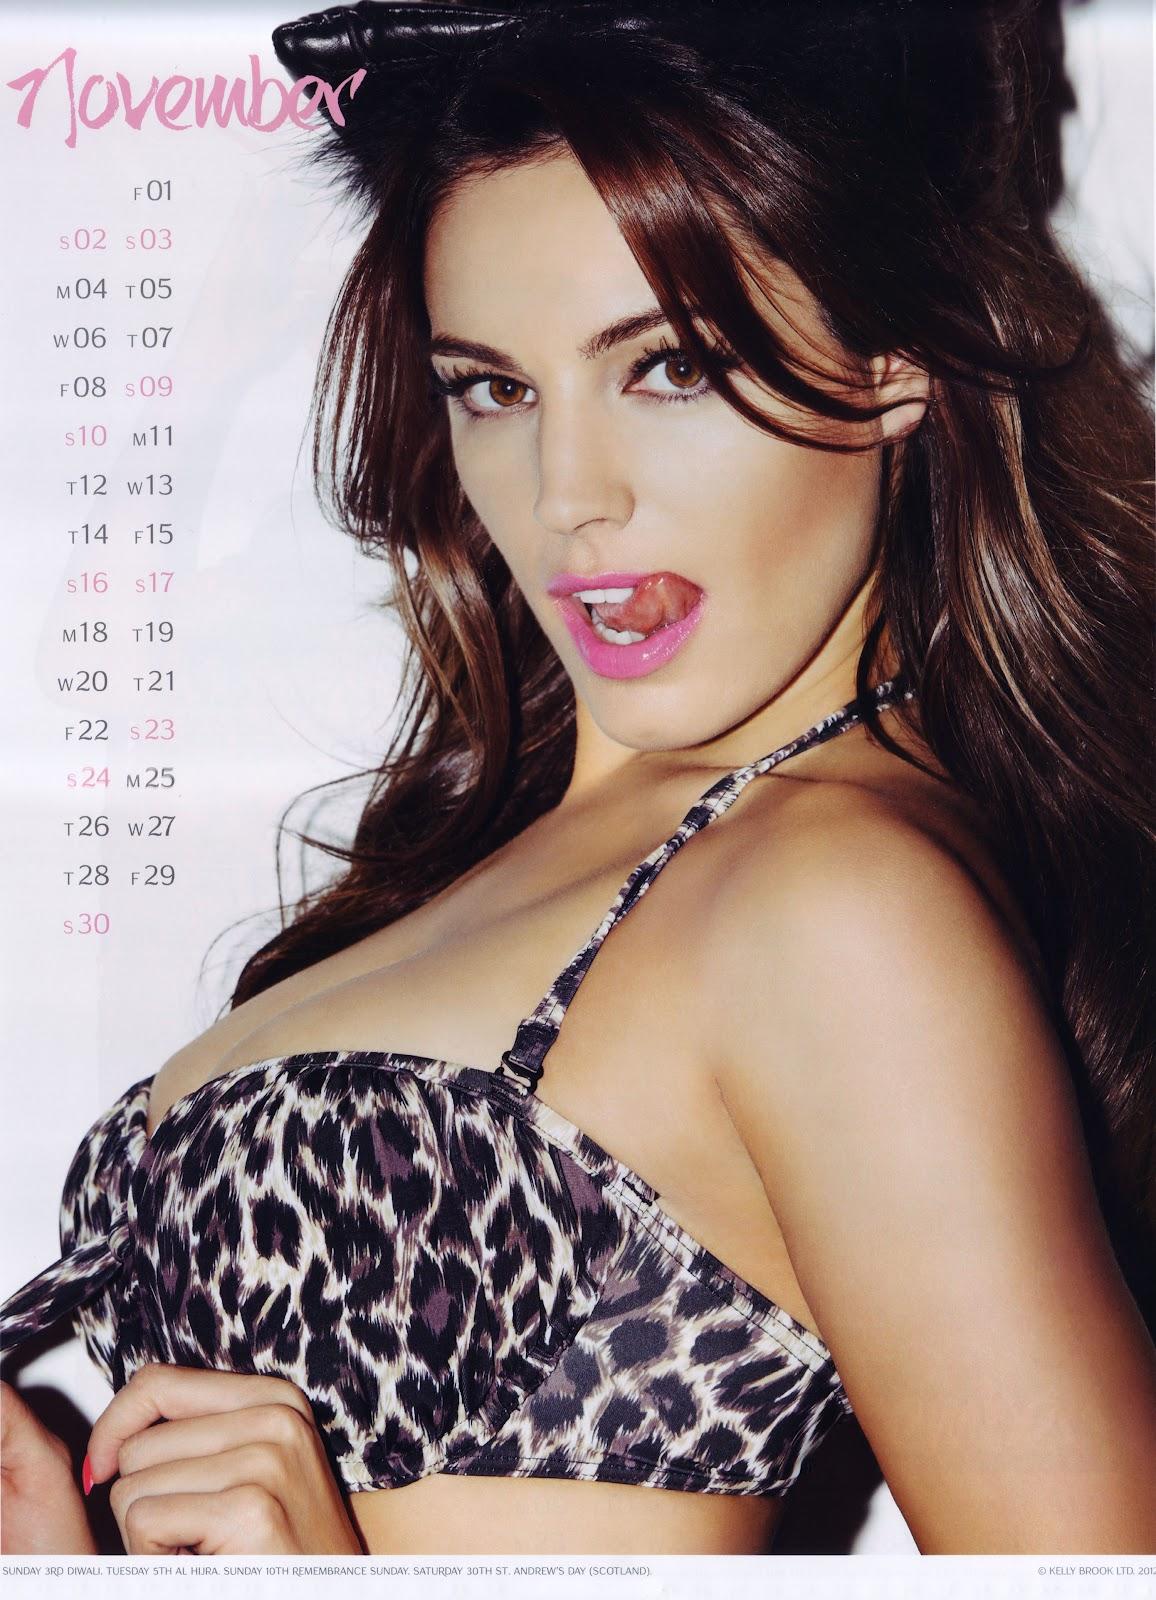 http://3.bp.blogspot.com/-nIiDY39nm70/UF0W1hmZZvI/AAAAAAAAOWY/w6wrhX-lnJM/s1600/Kelly+Brook+Official+2013+Calendar++-12.jpg